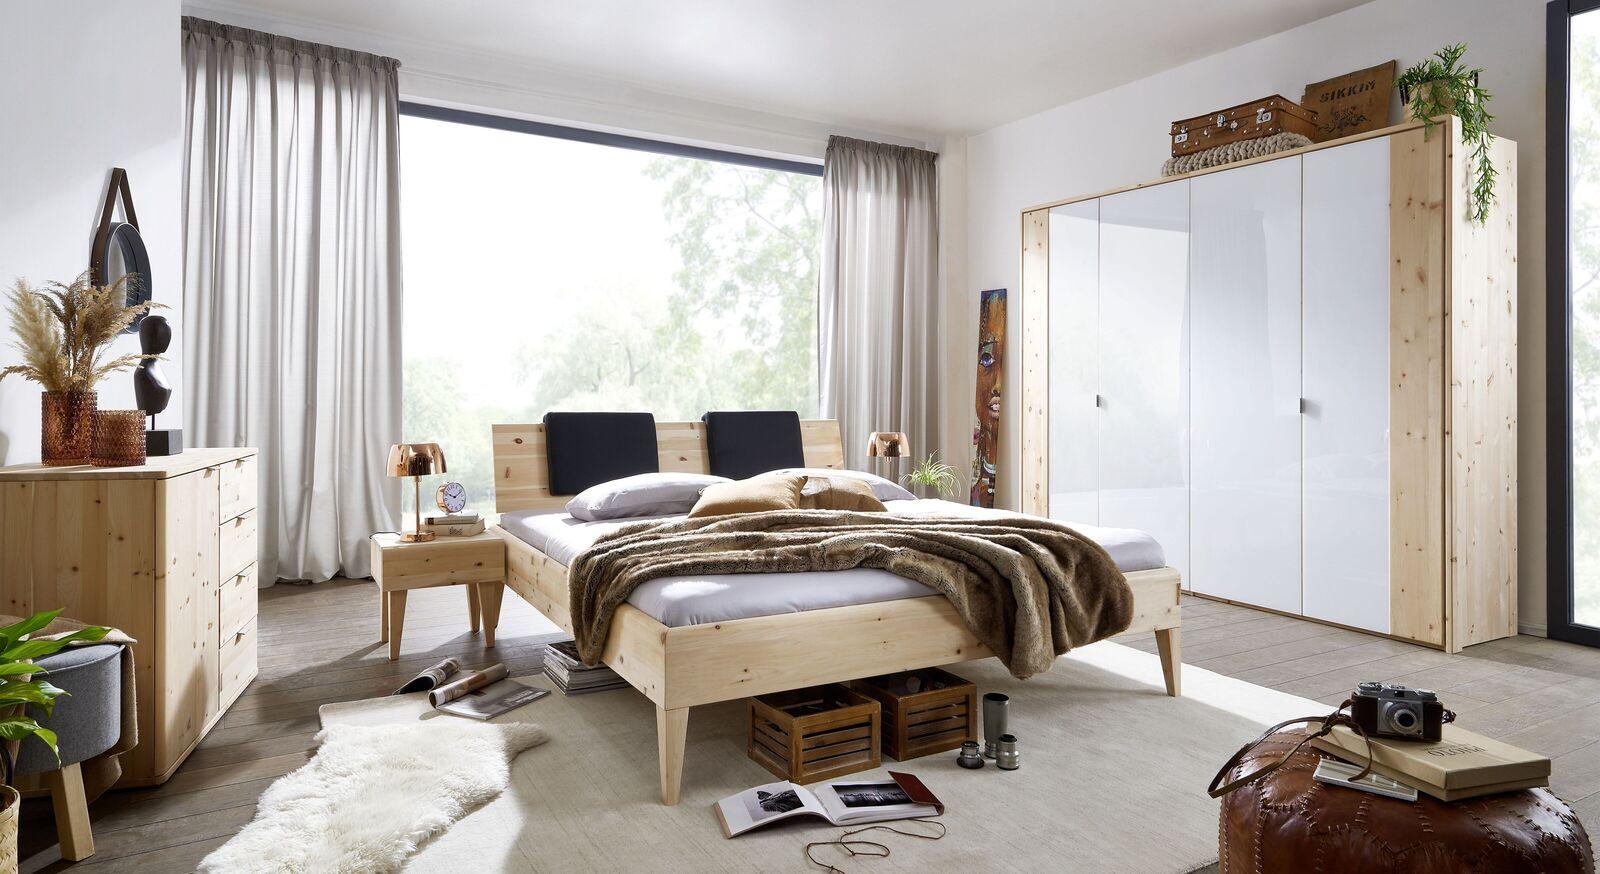 Bett Alistra Komfort mit passender Schlafzimmer-Ausstattung